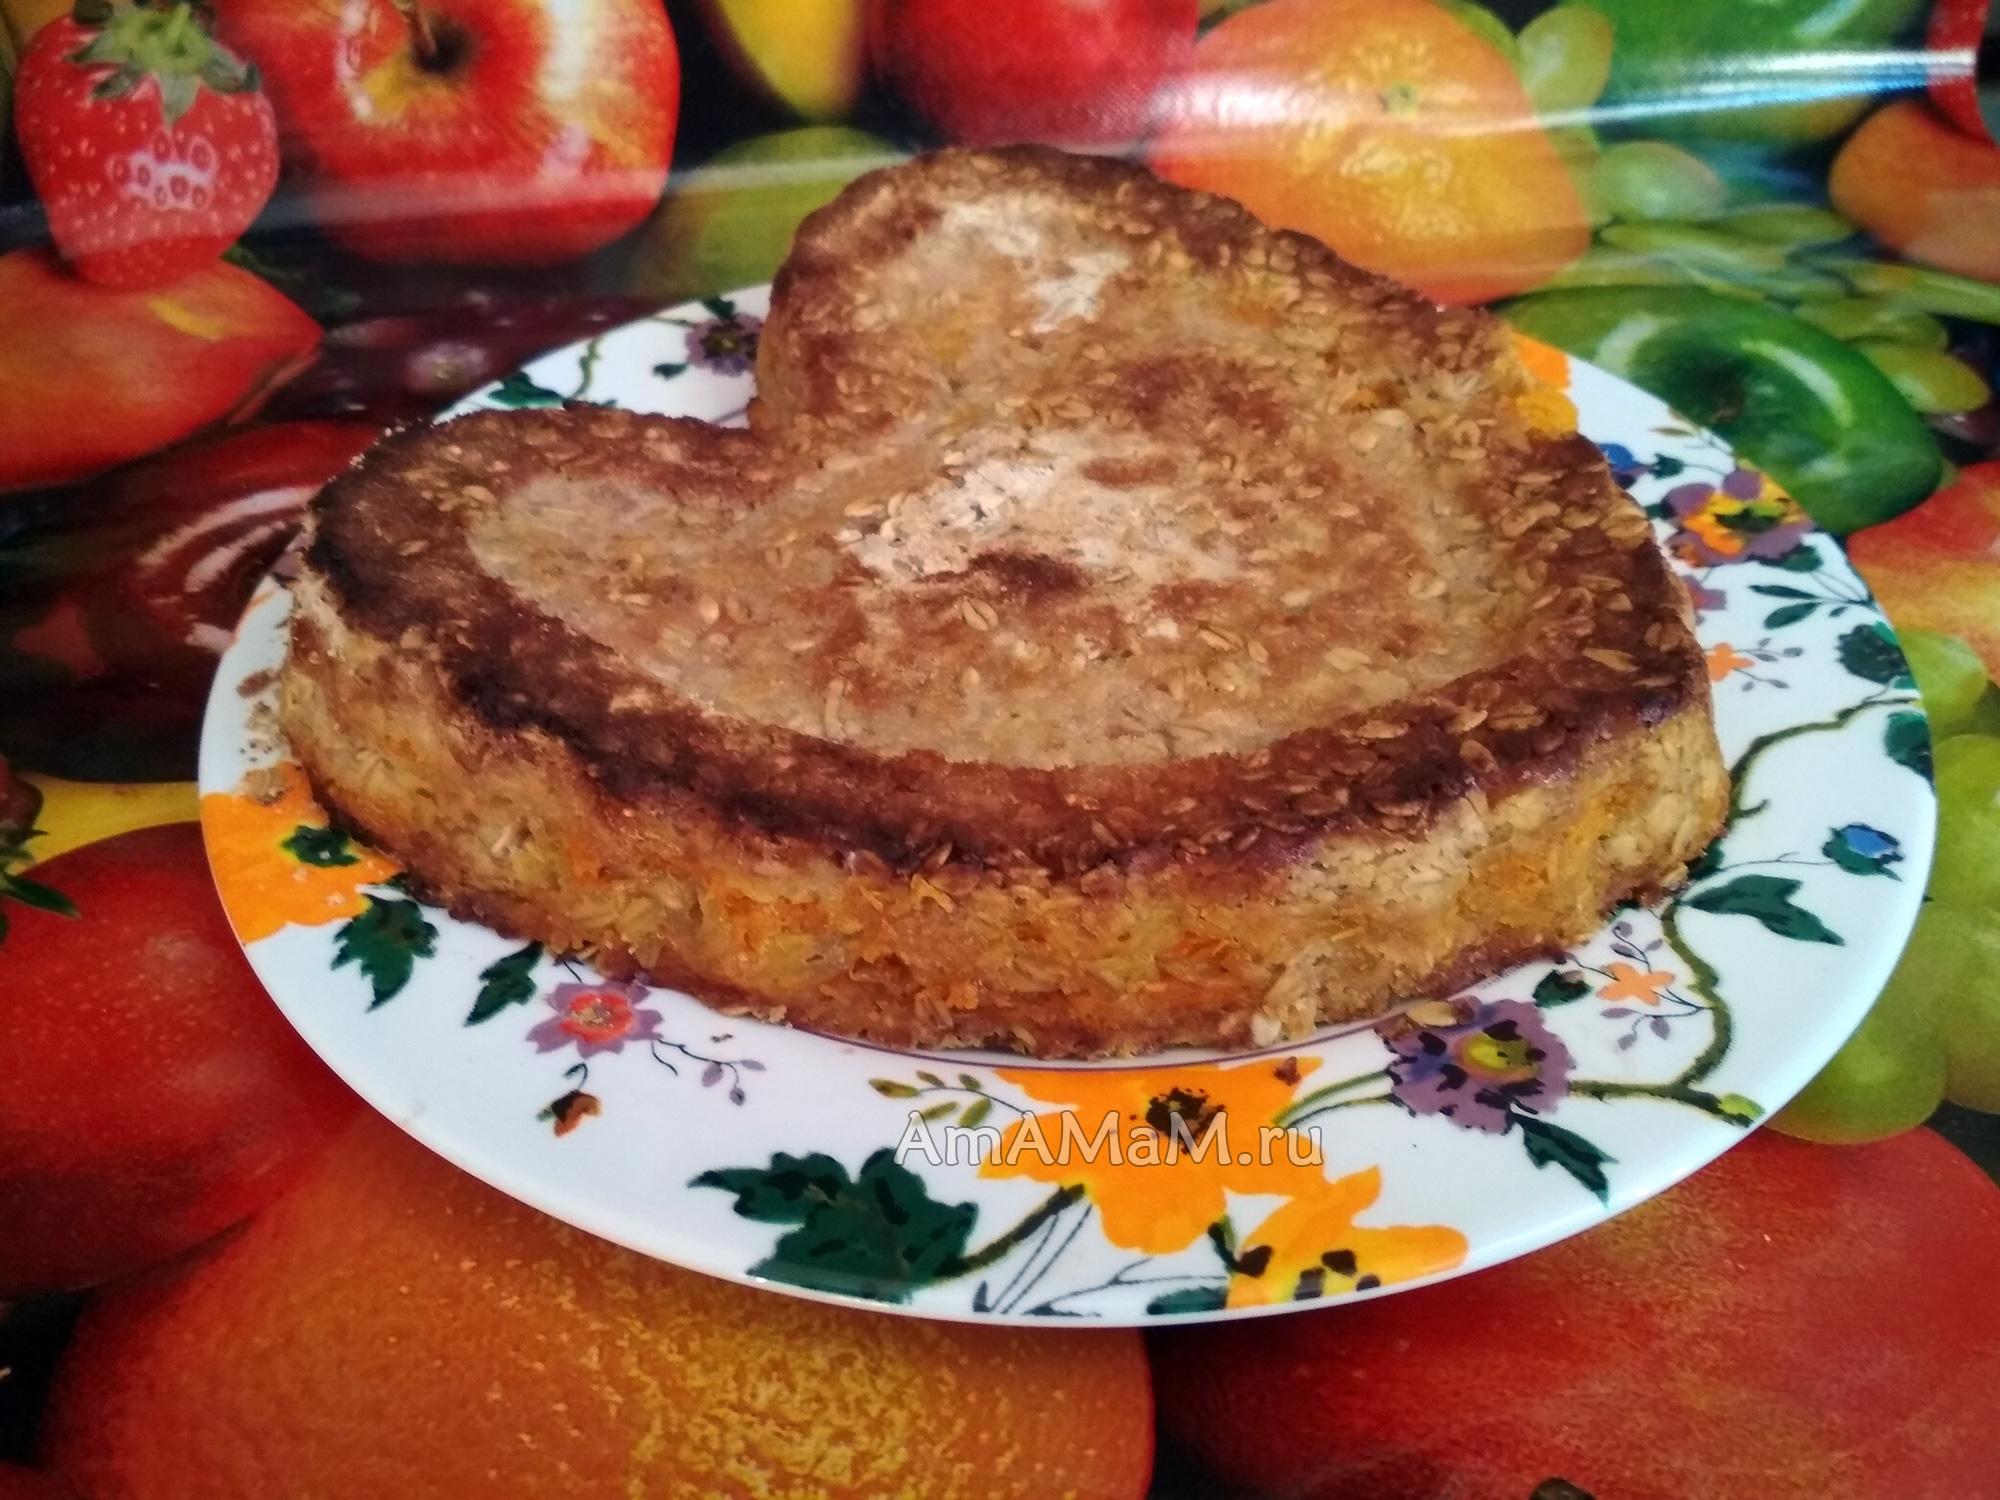 Рецепт пирога с фруктовой начинкой из овсяных хлопьев